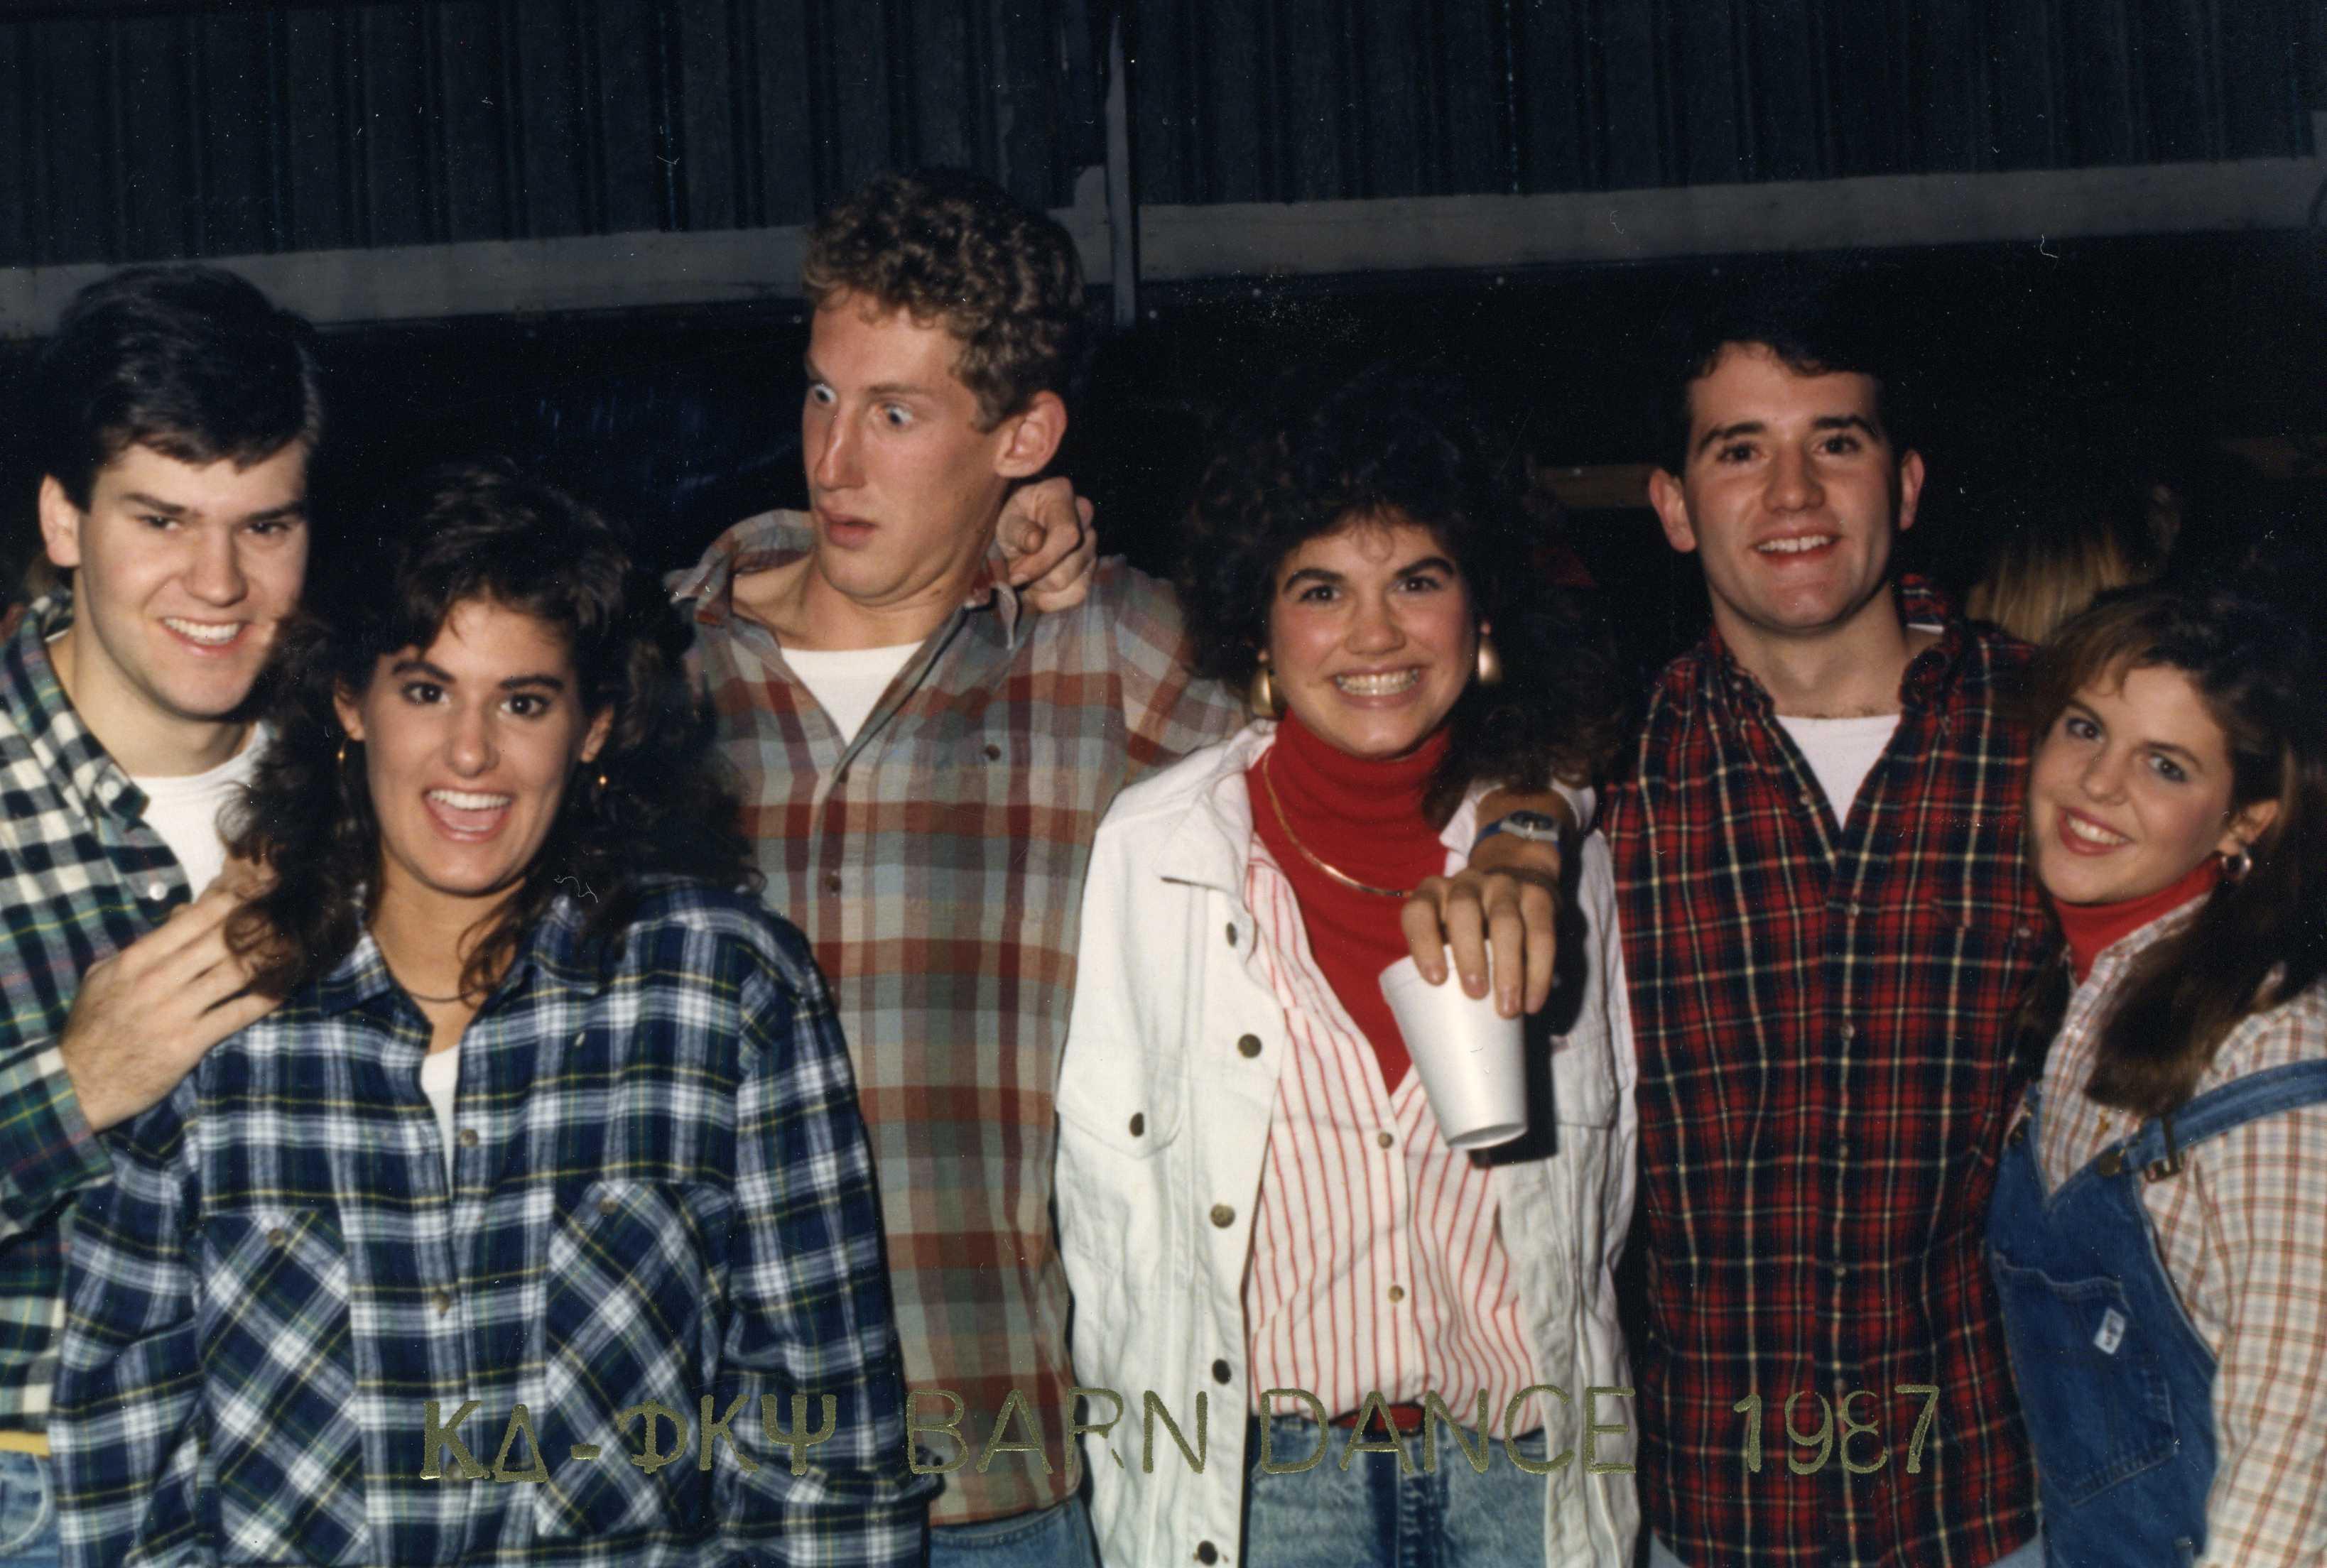 1987 Barn Dance (3)